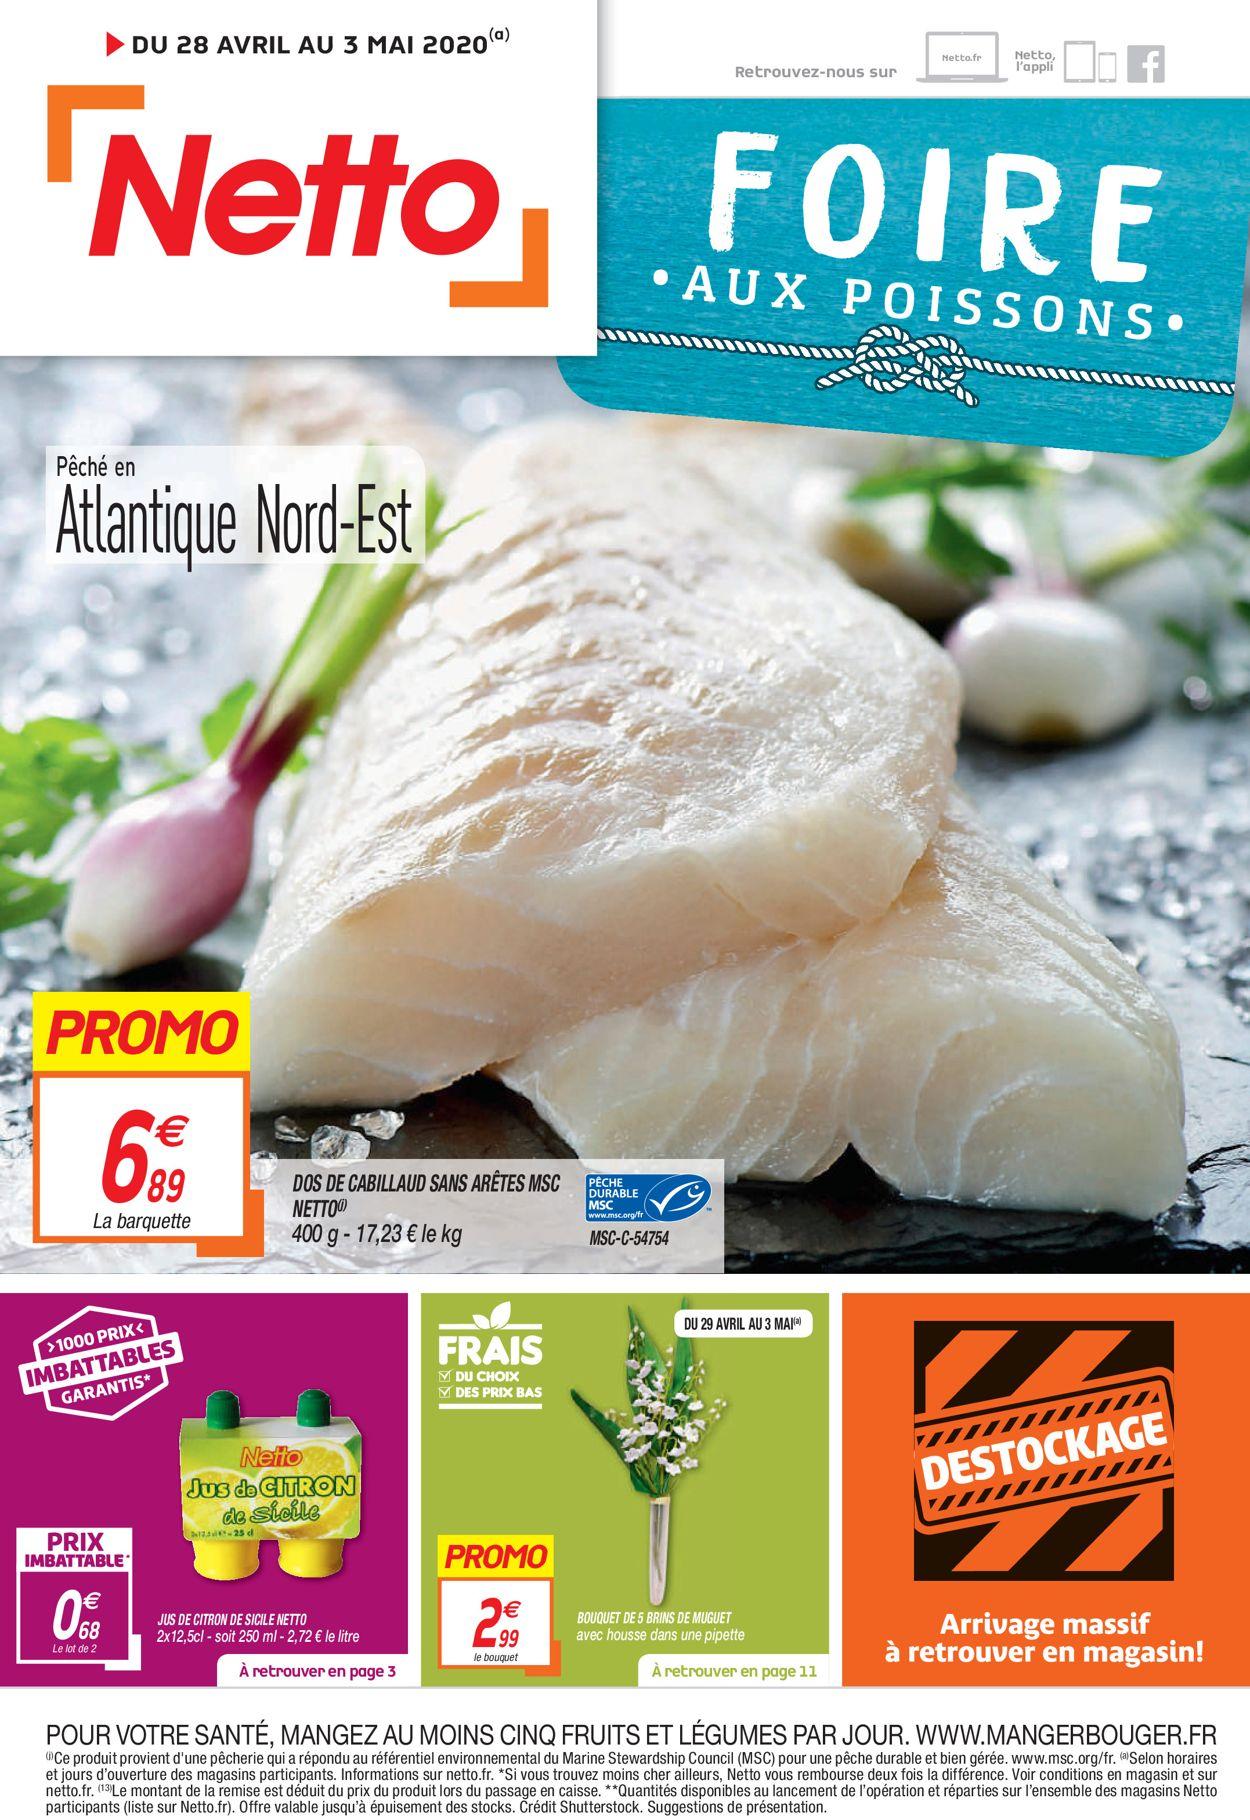 Netto Catalogue - 28.04-03.05.2020